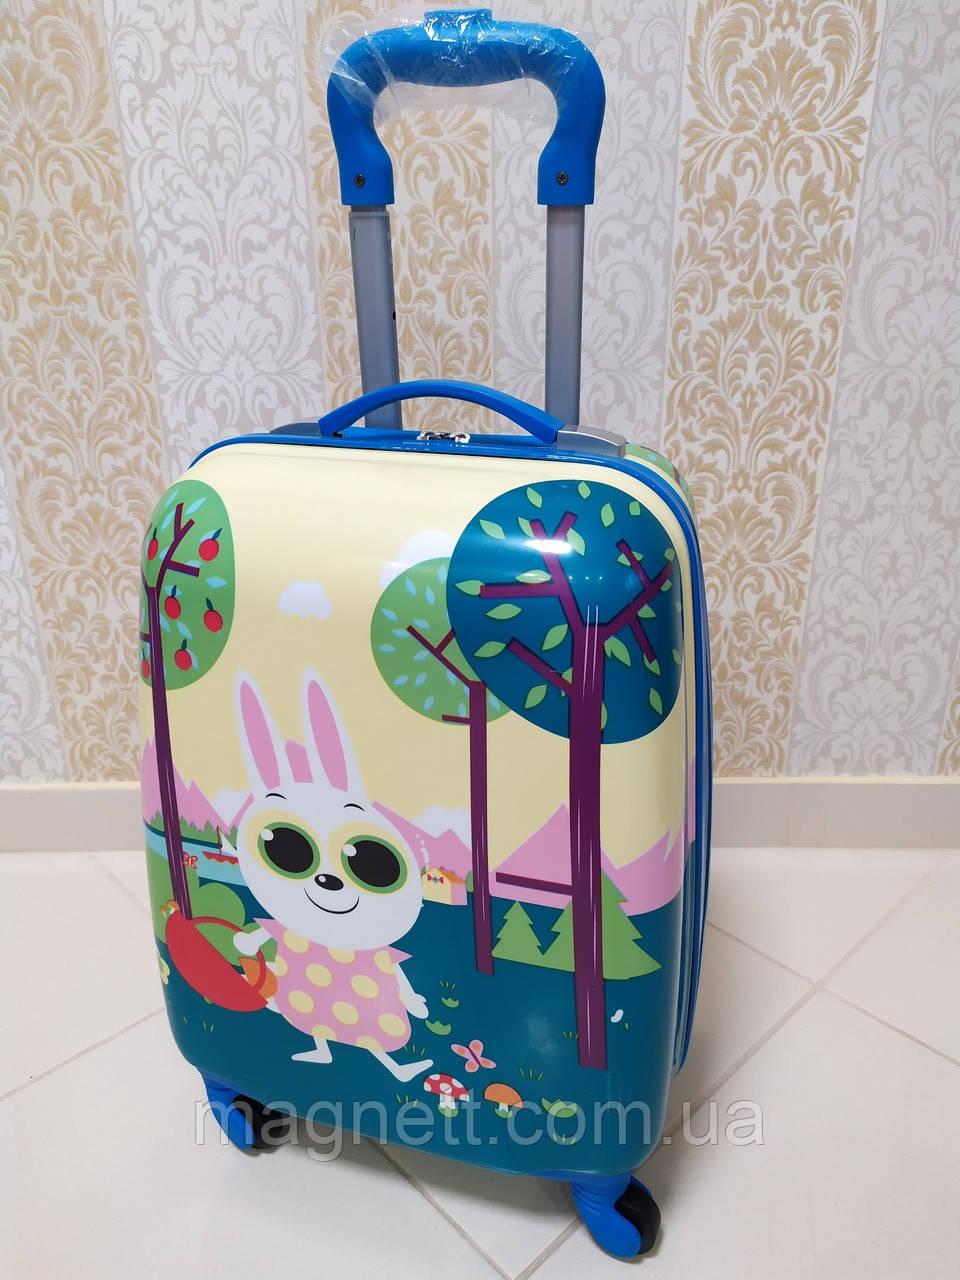 """Дитячий синій валізу на 4 колесах """"Кролик"""" 45*31*21"""